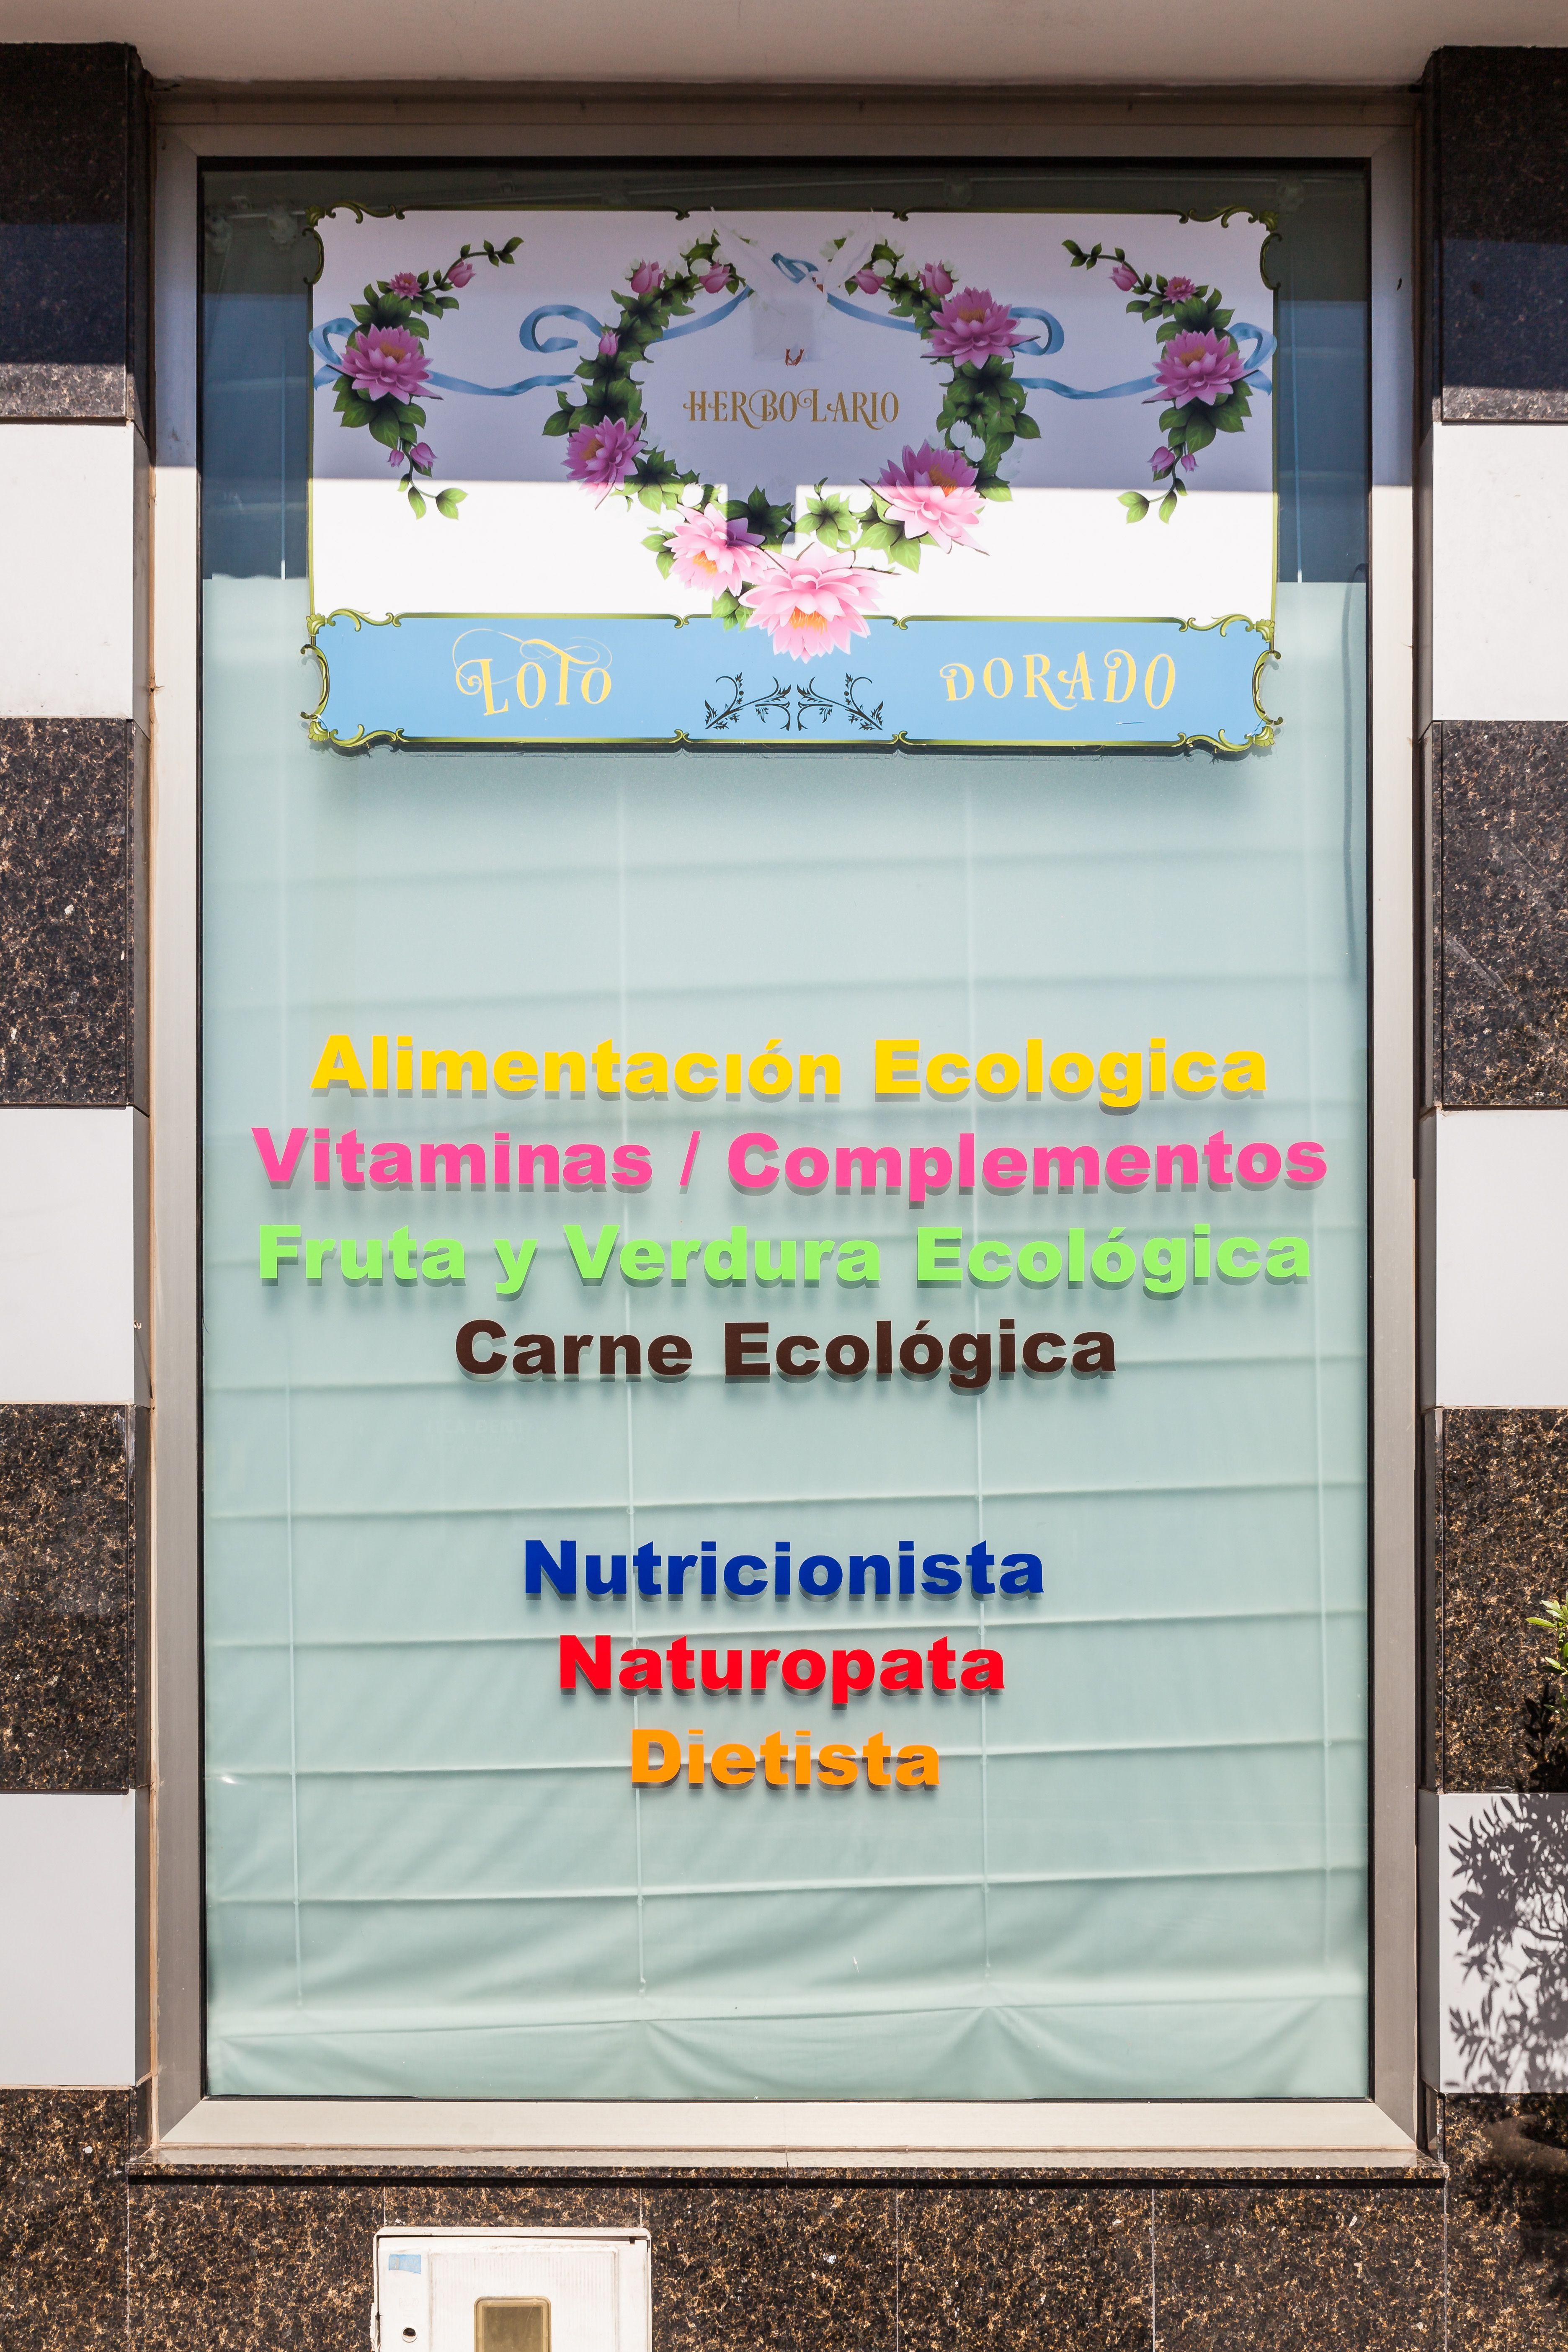 Foto 16 de Herbolarios y dietética en Adeje | Herbolario Loto Dorado